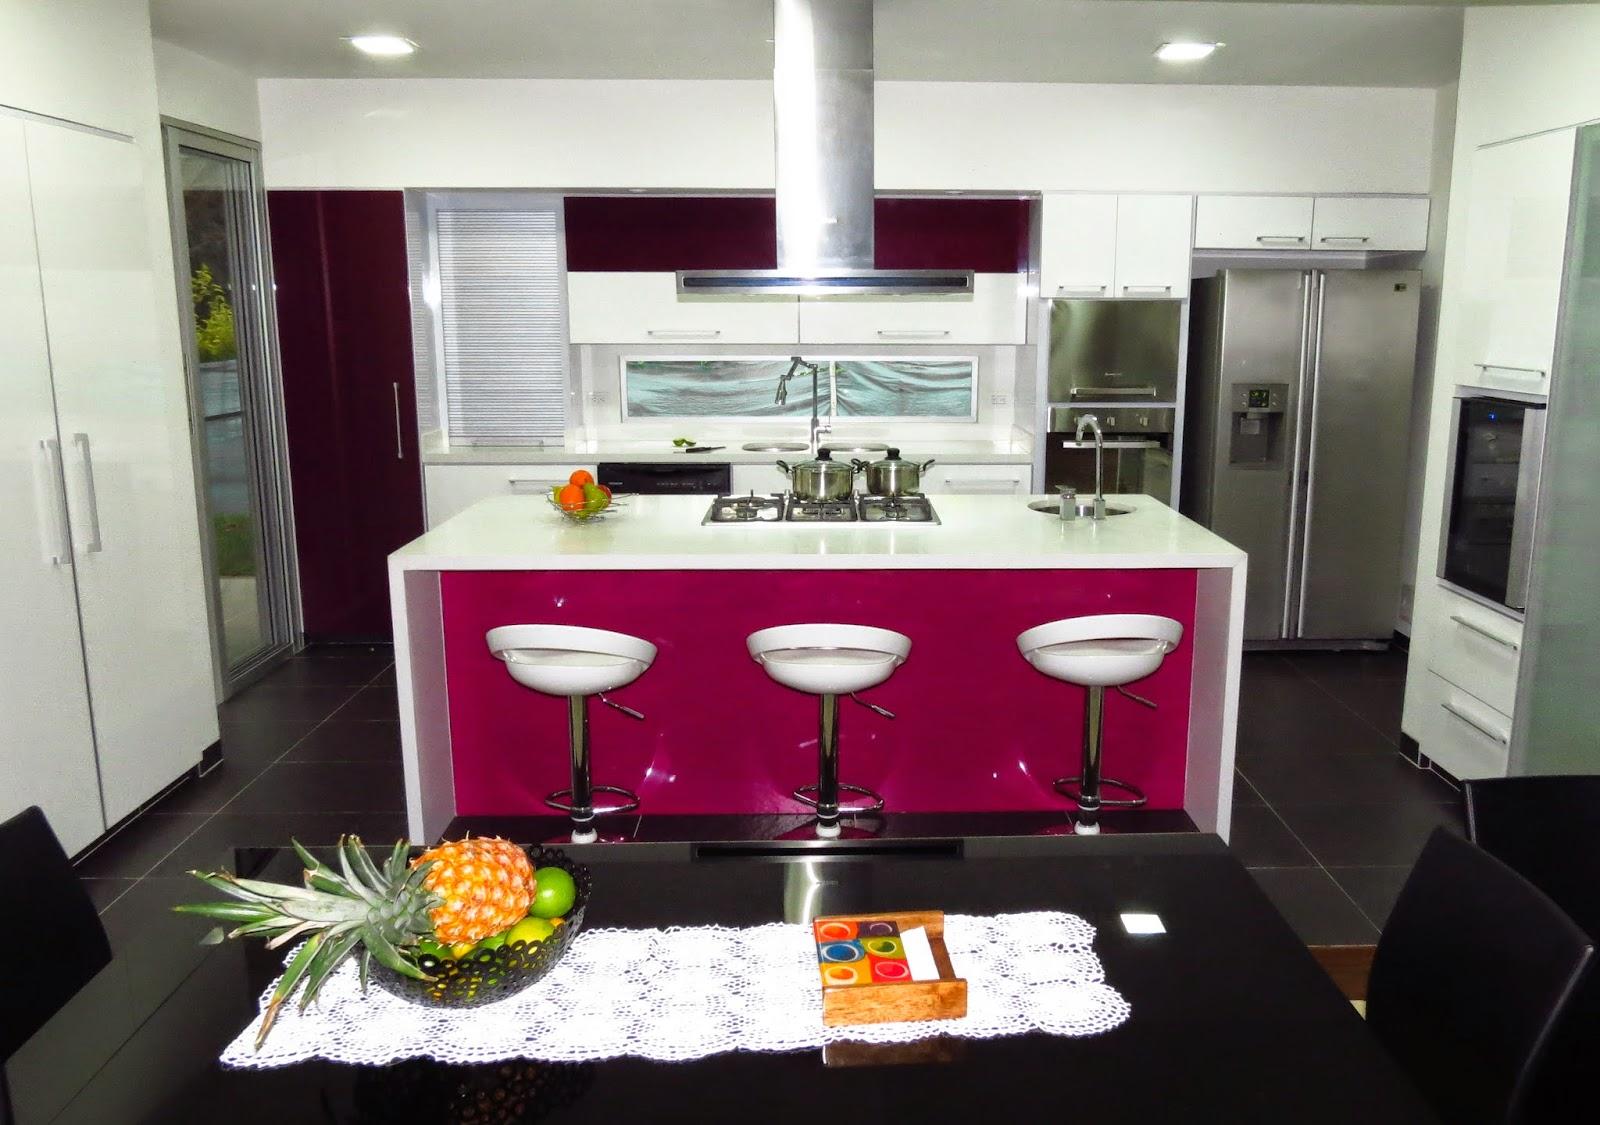 Cocina moderna en pereira morado y blanco cocinas for Ver cocinas modernas